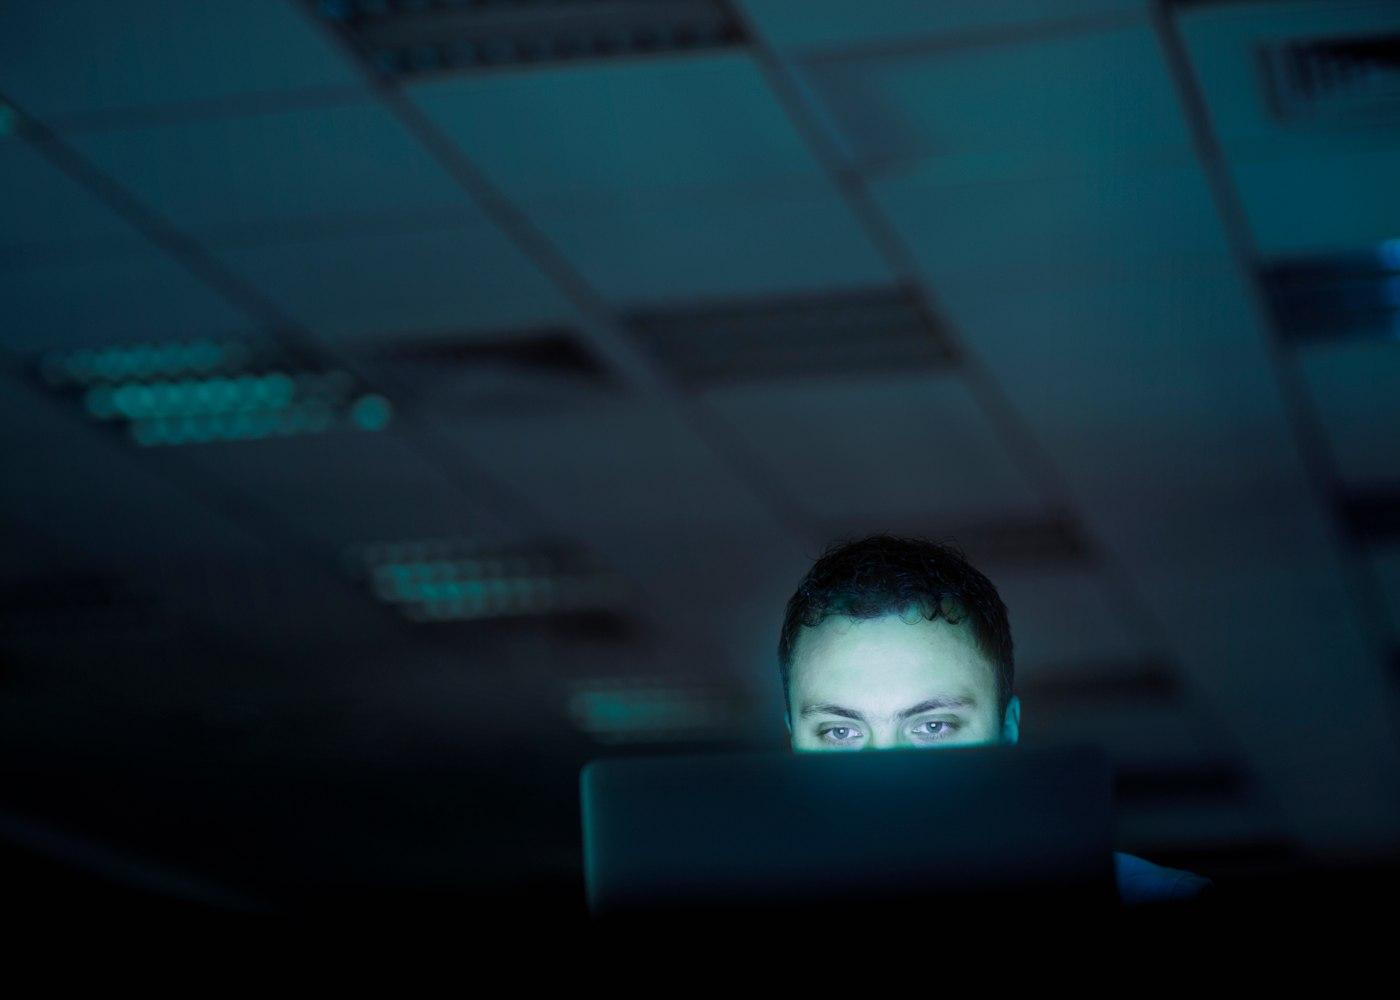 Homem a trabalhar na cibersegurança de um computador